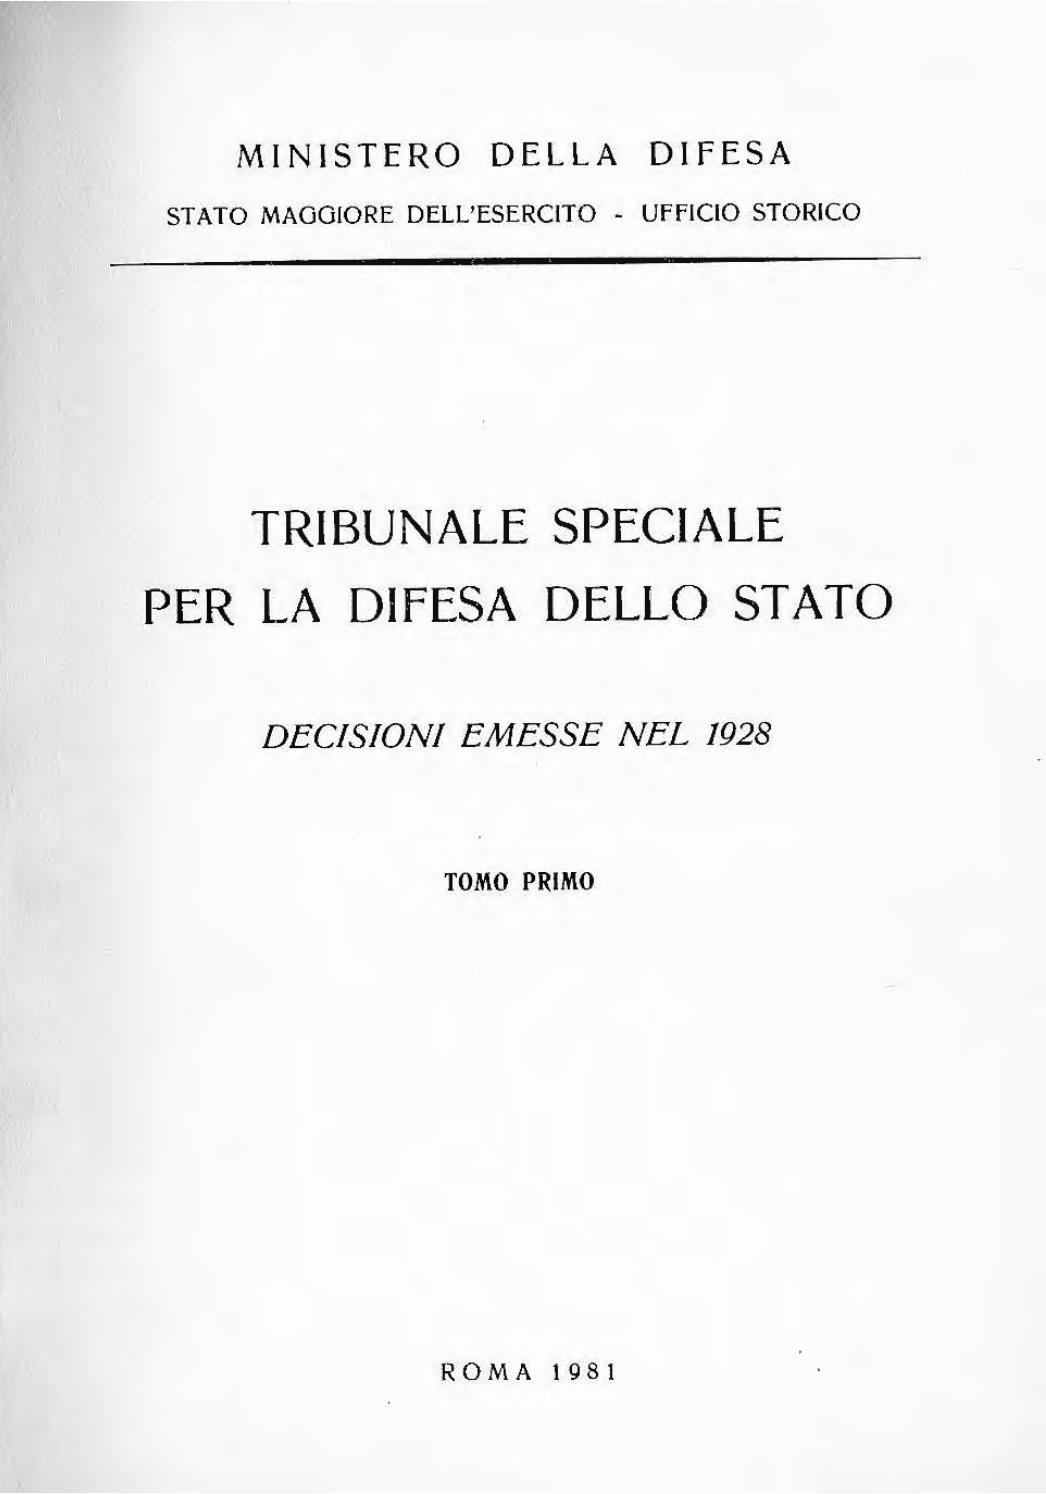 timeless design 449b2 17175 TRIBUNALE SPECIALE PER LA DIFESA DELLO STATO 1928 TOMO 1 by ...